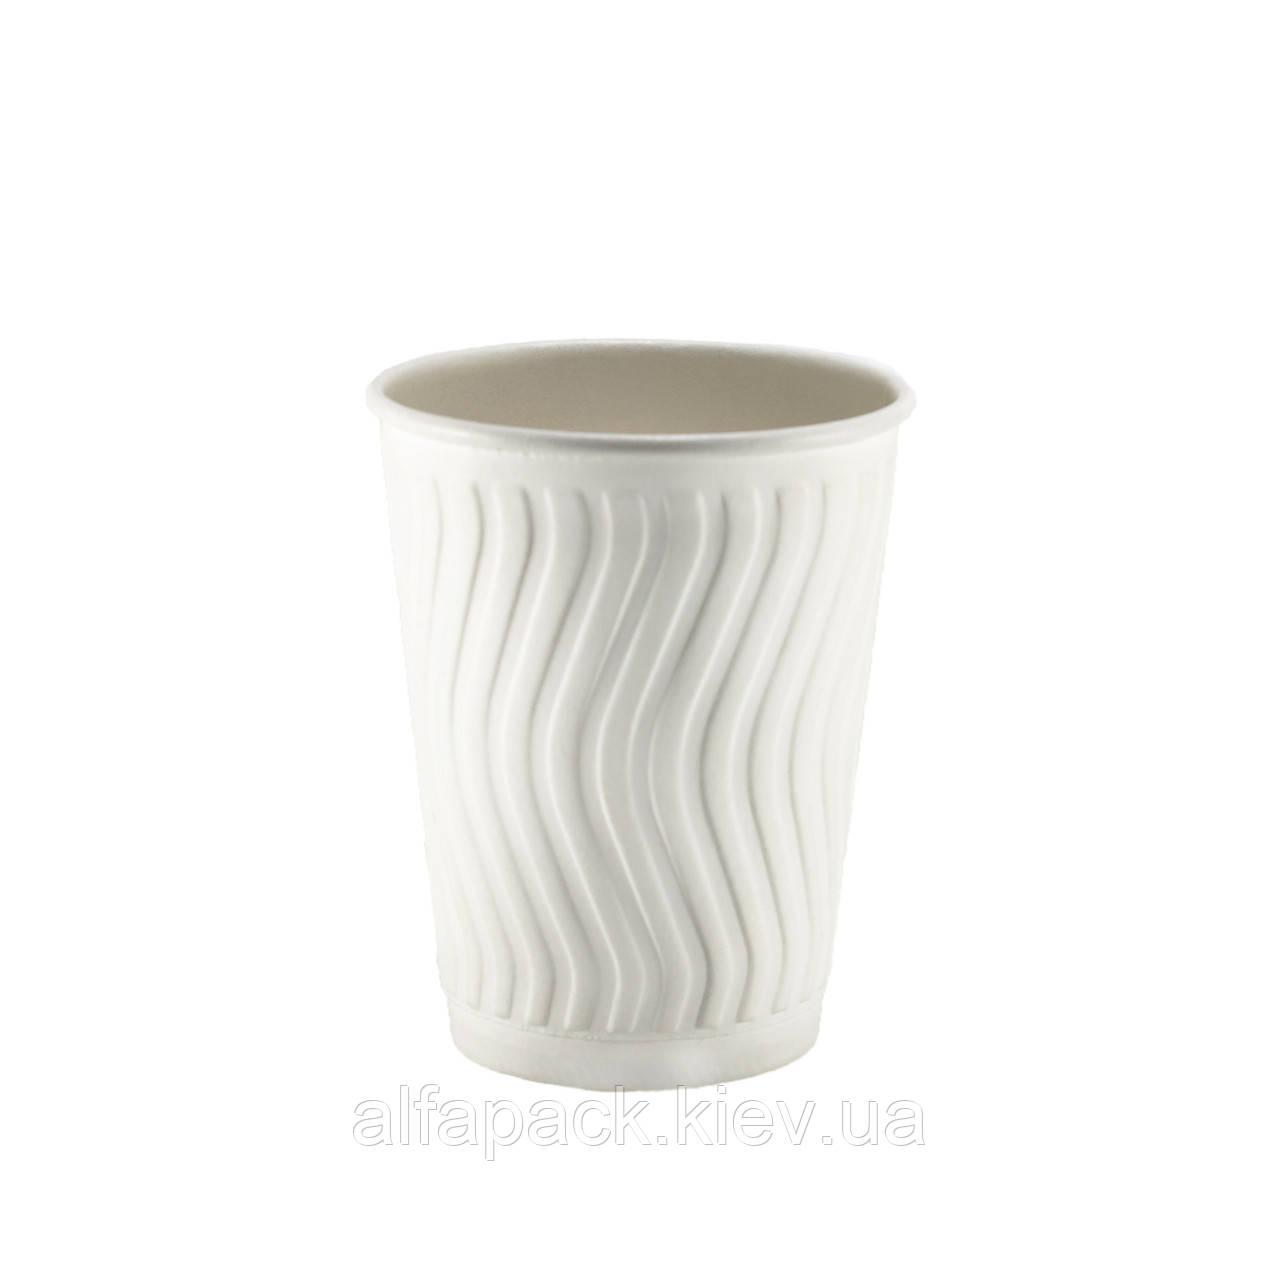 Гофрированный стакан волна белый 400 мл